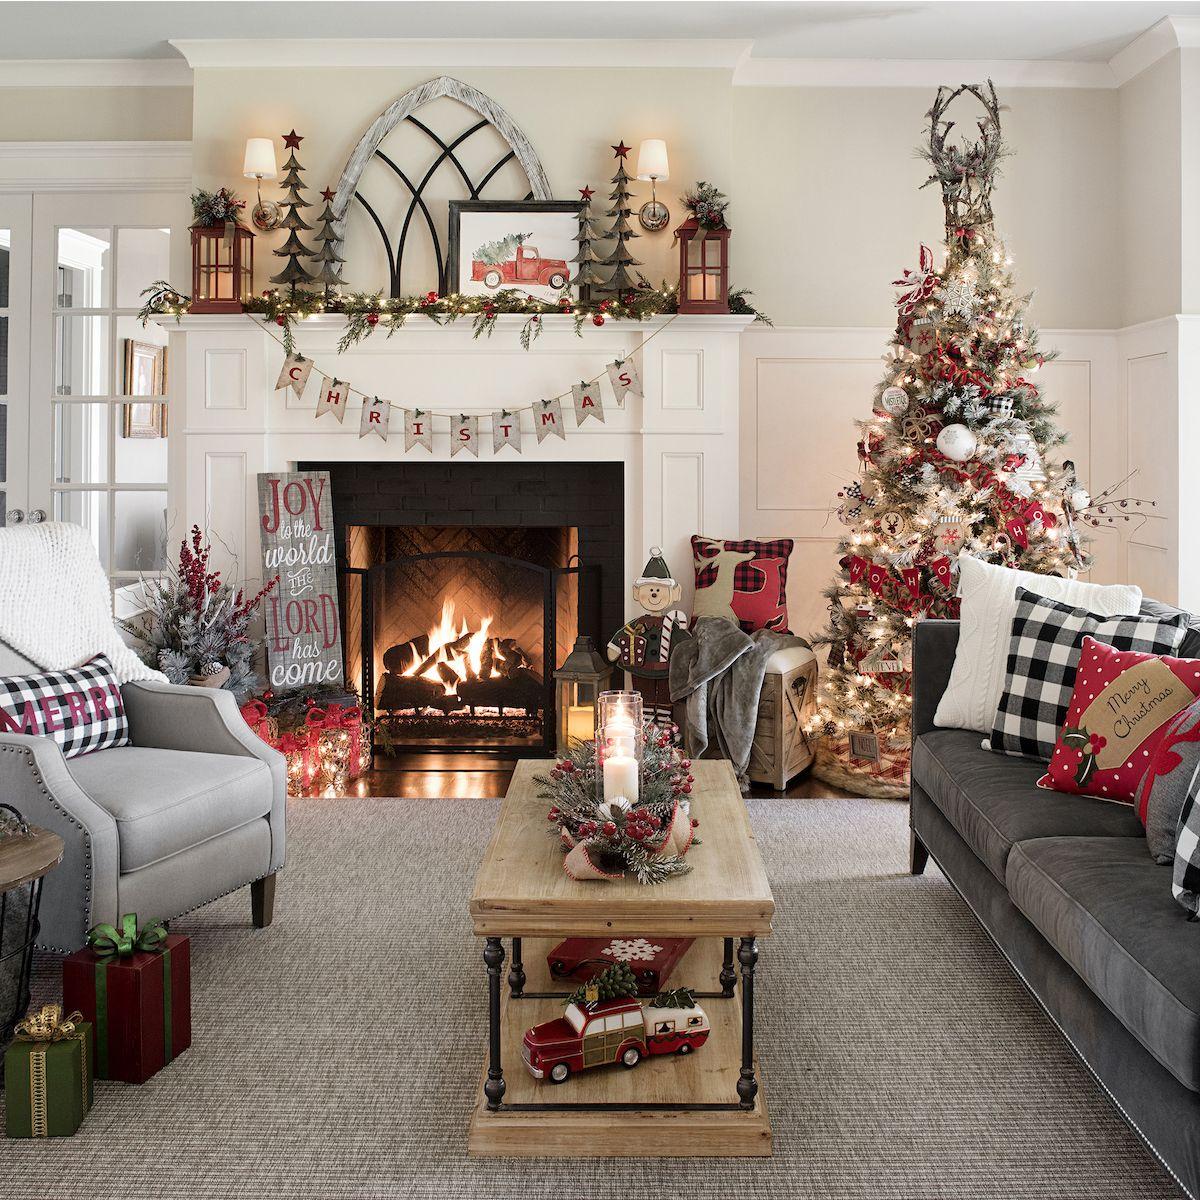 For a cozy, classic Christmas, shop the Cedar Lane